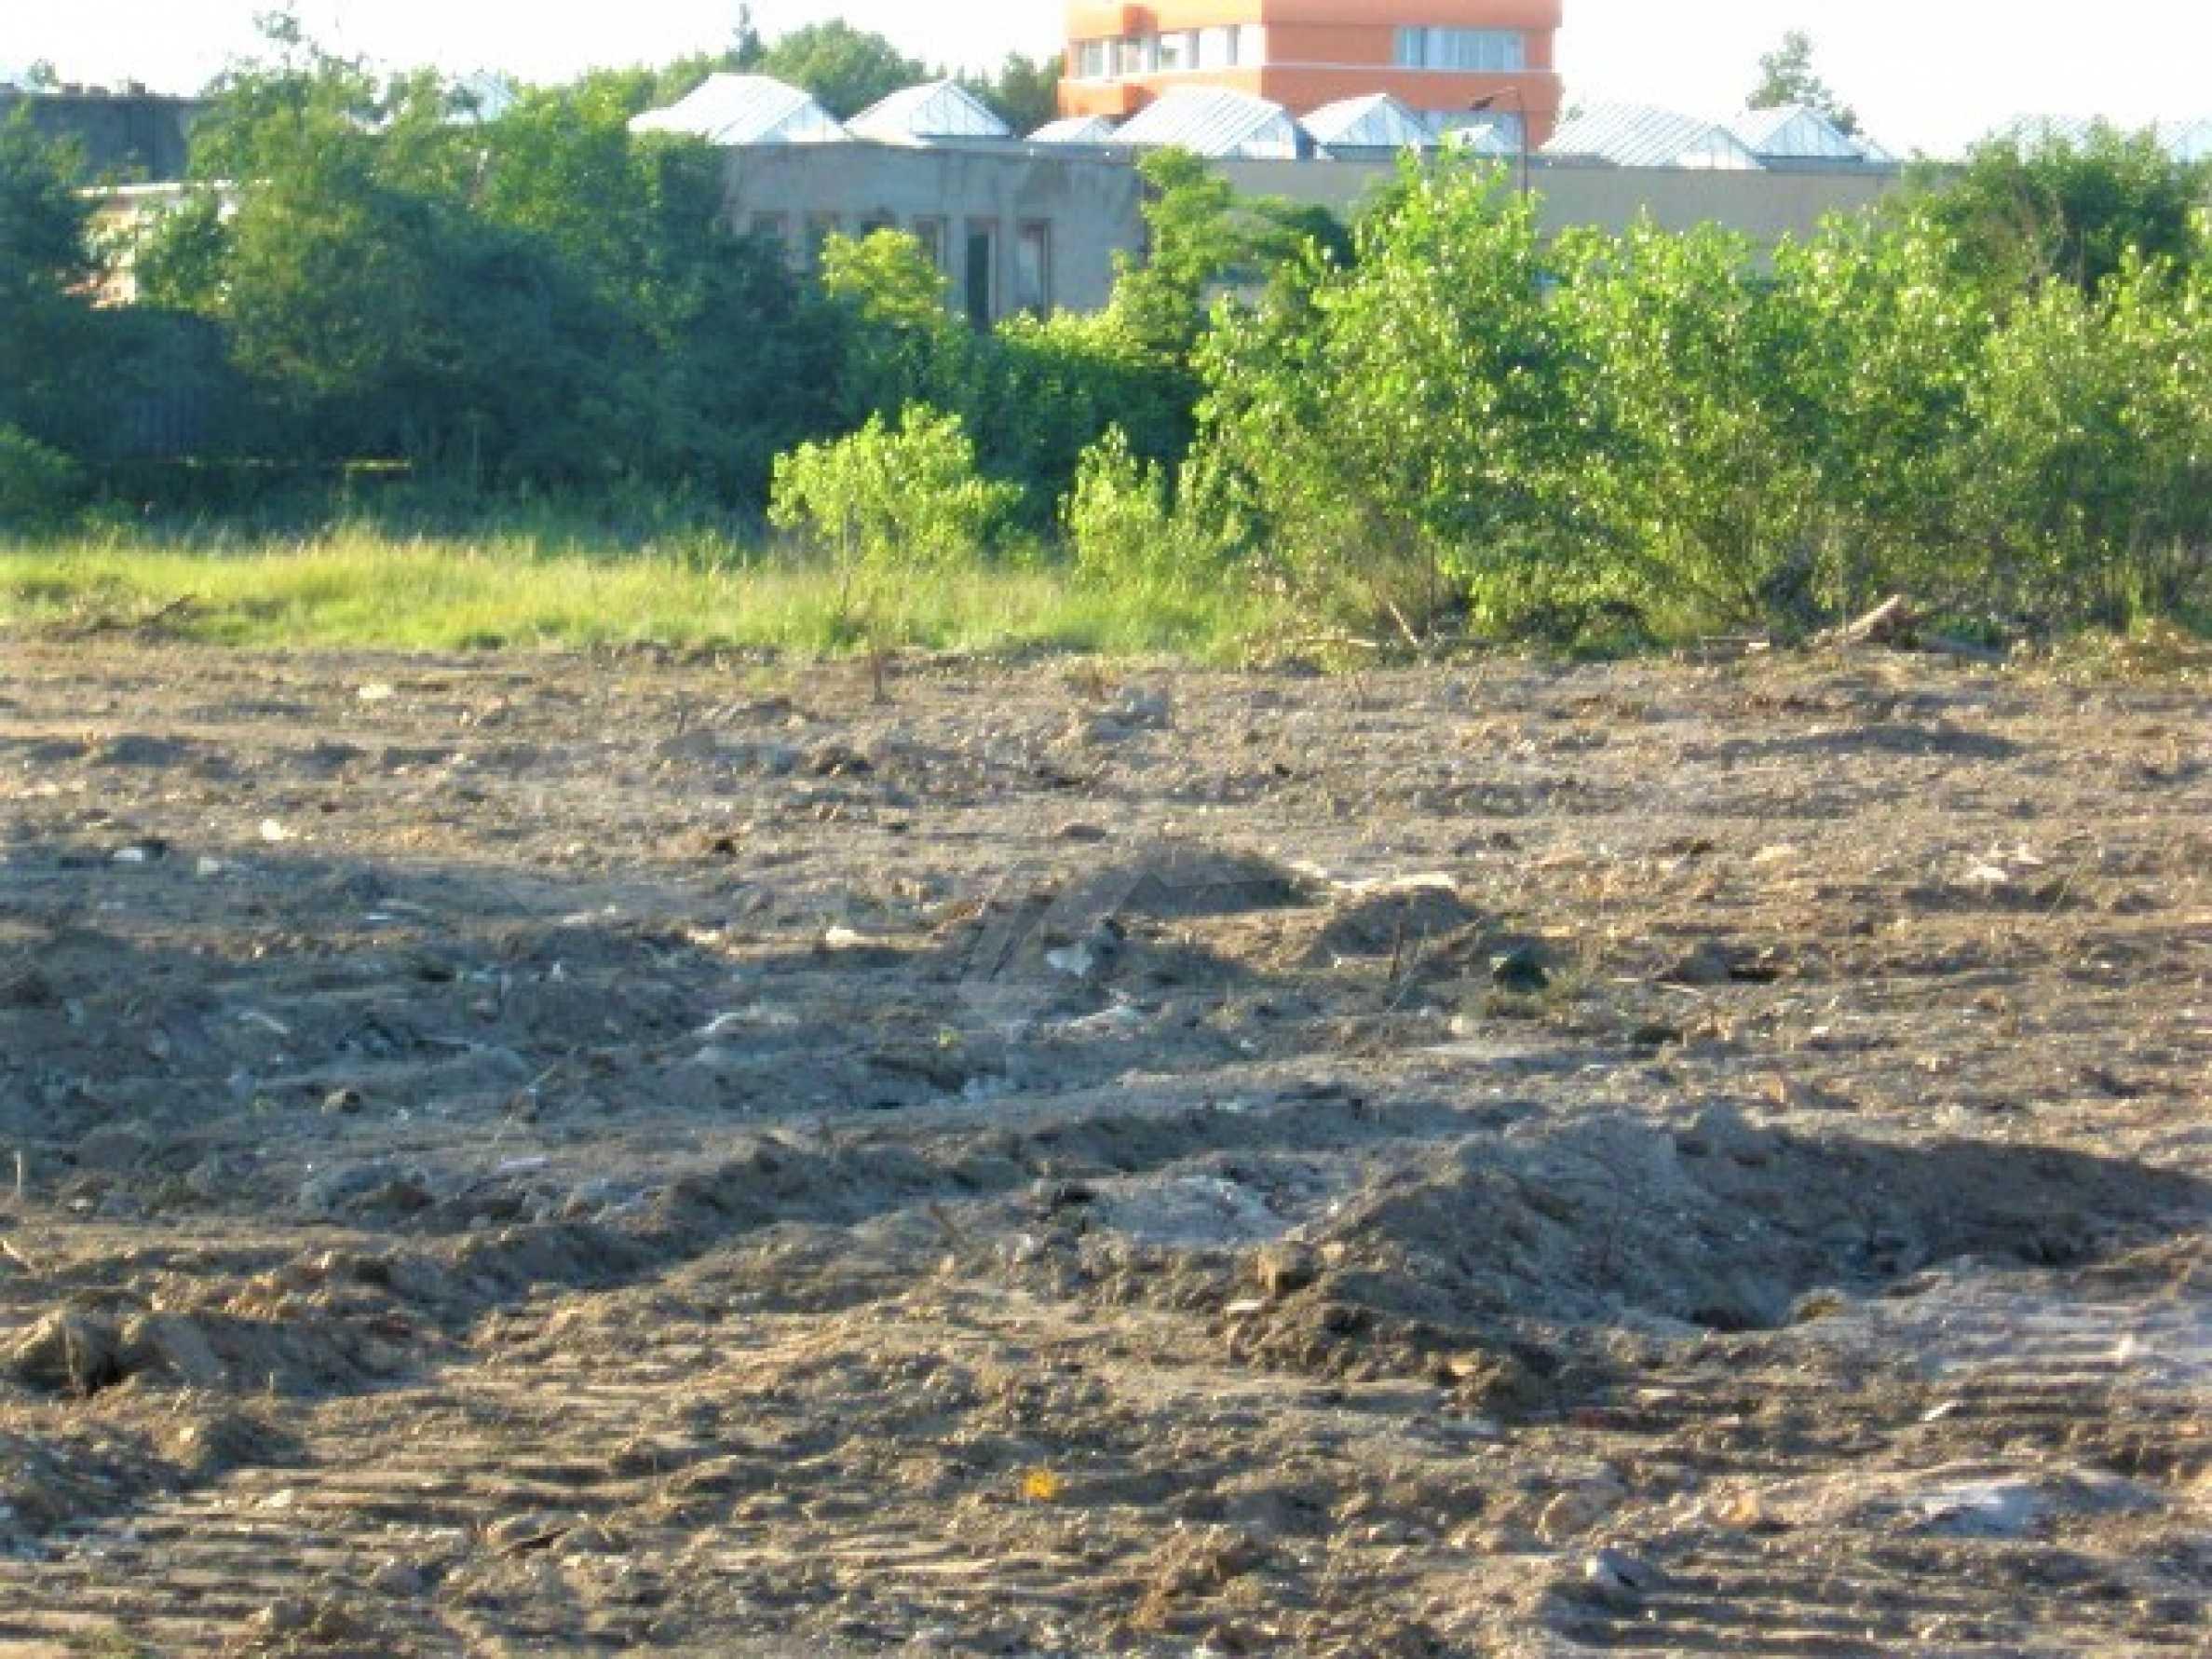 Участок под промышленное строительство в Южной индустриальной зоне г. Видин 6